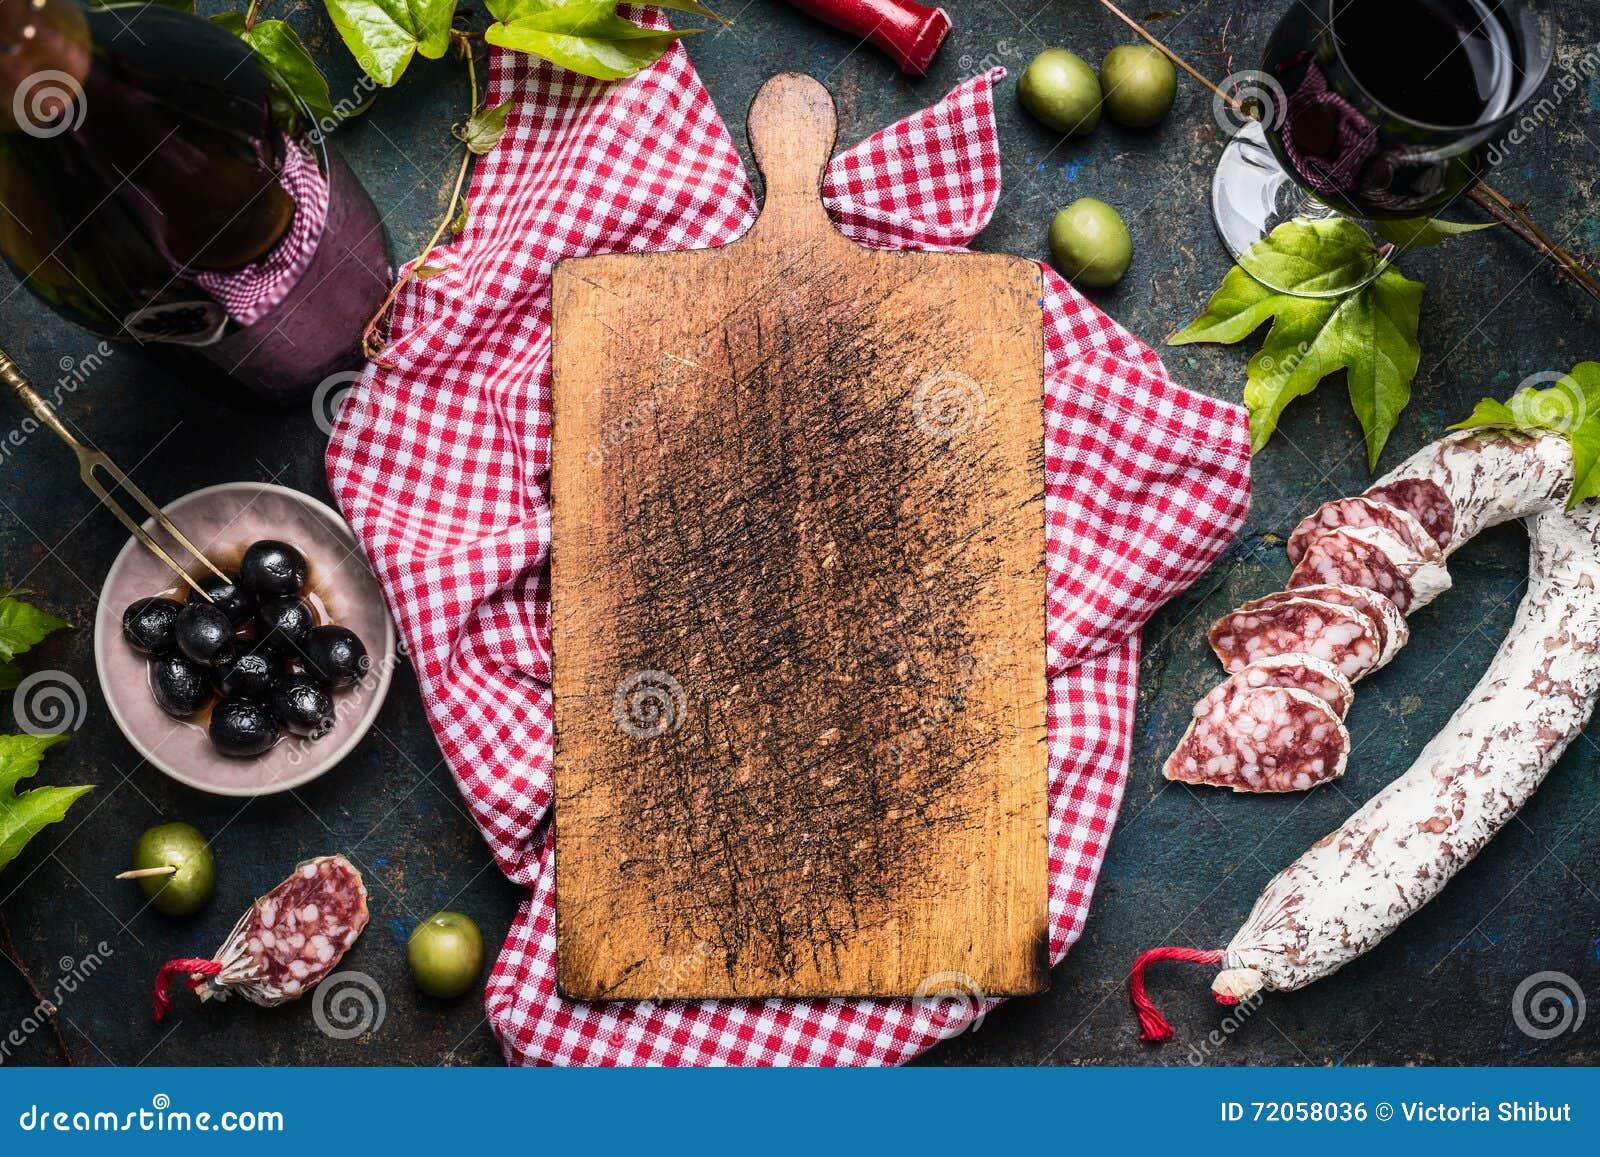 Italiaanse antipasti met olijven, rode wijn en salami rond lege oude scherpe raad, hoogste mening